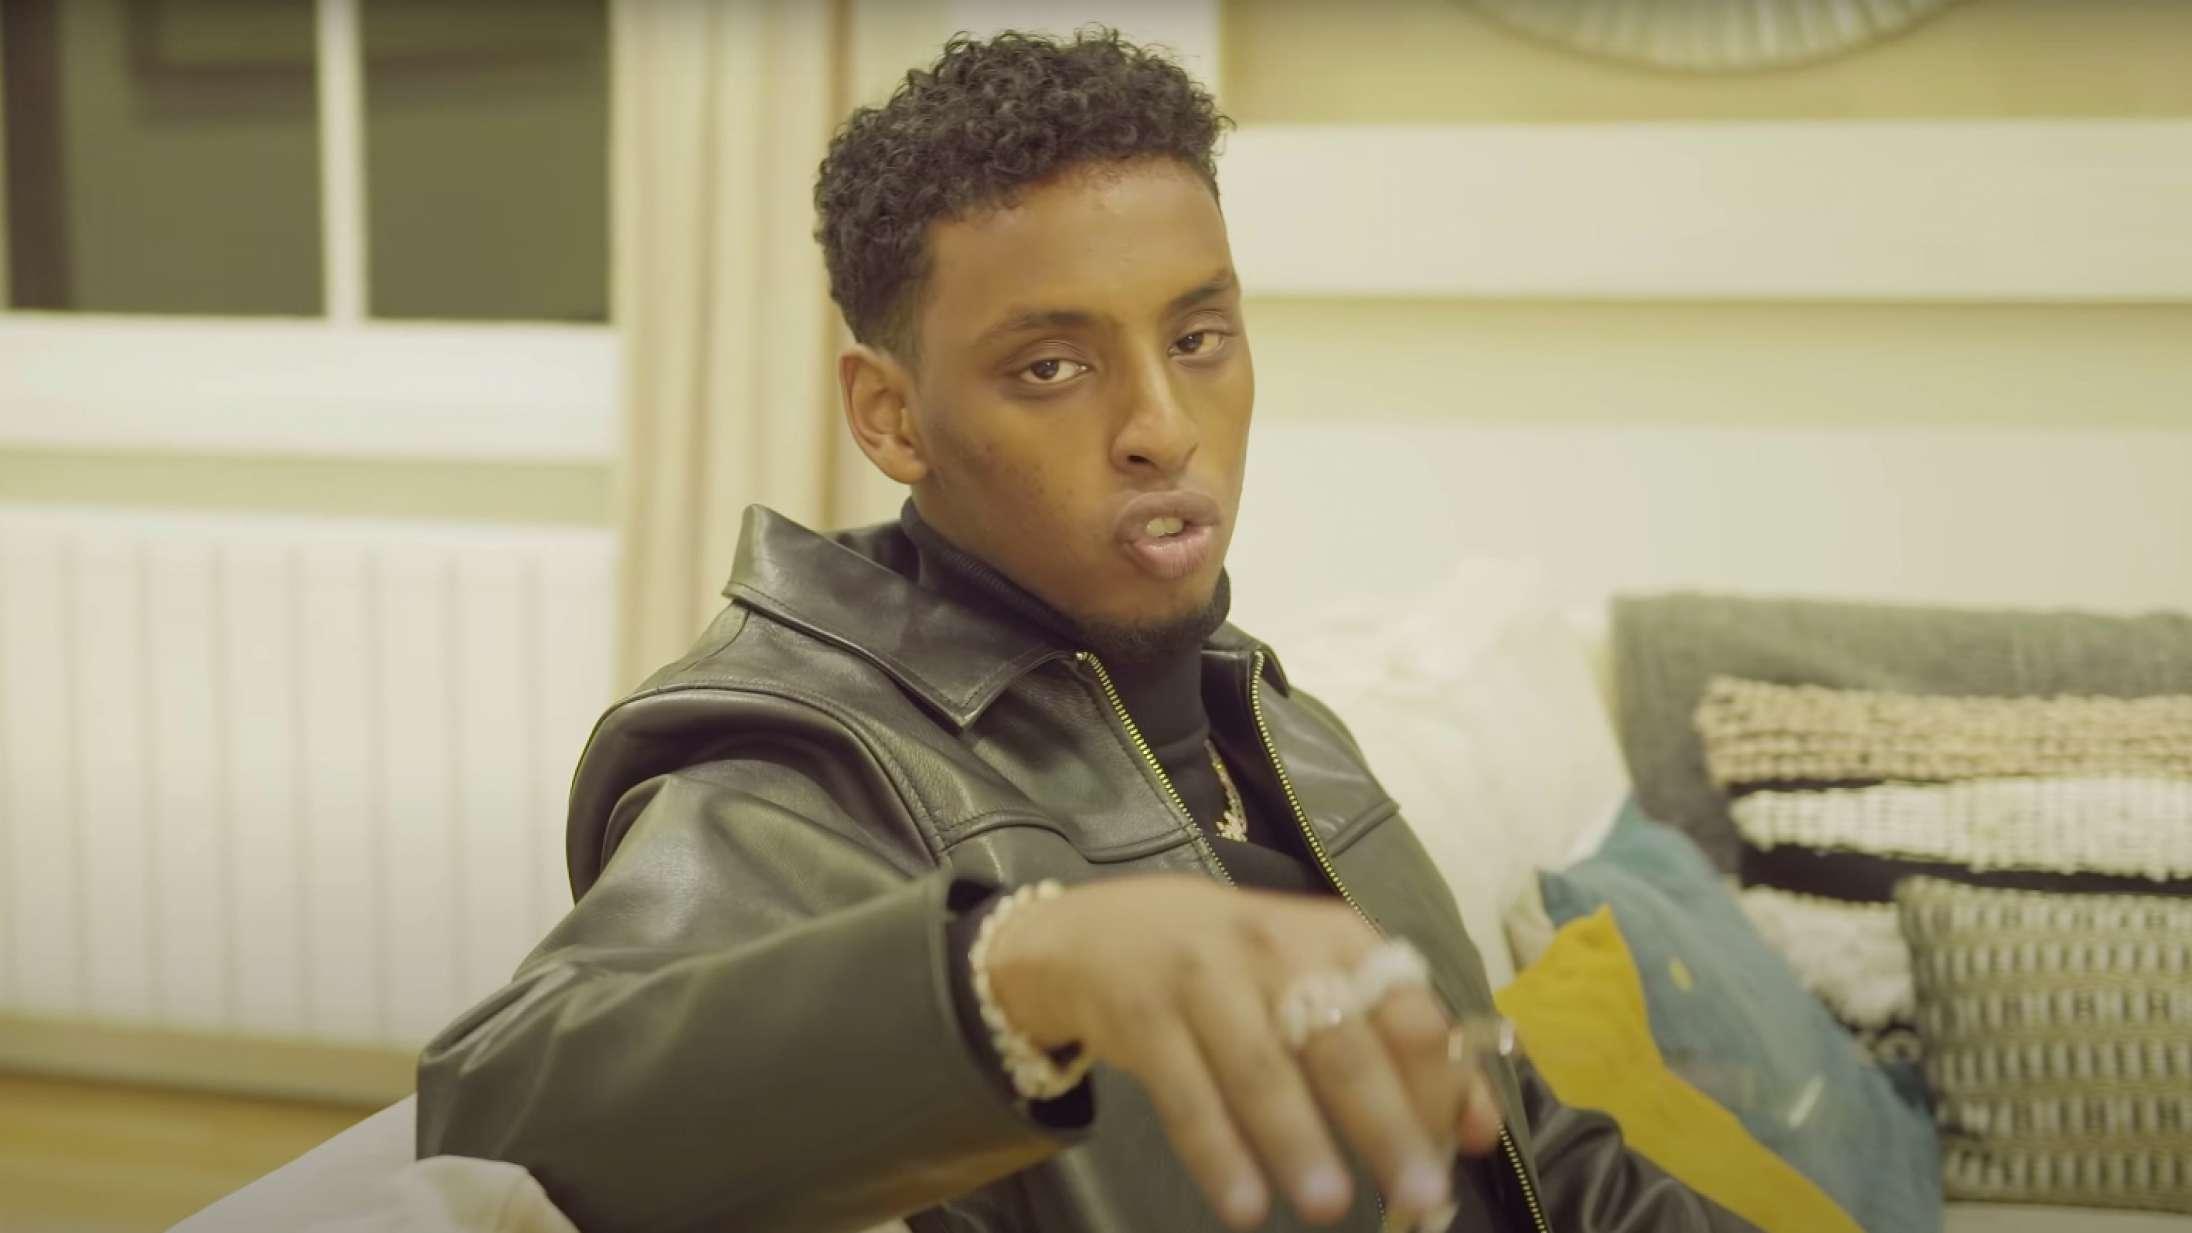 Bør en rapper, der er anklaget for kidnapning og at planlægge bombeangreb, hyldes med store musikpriser?